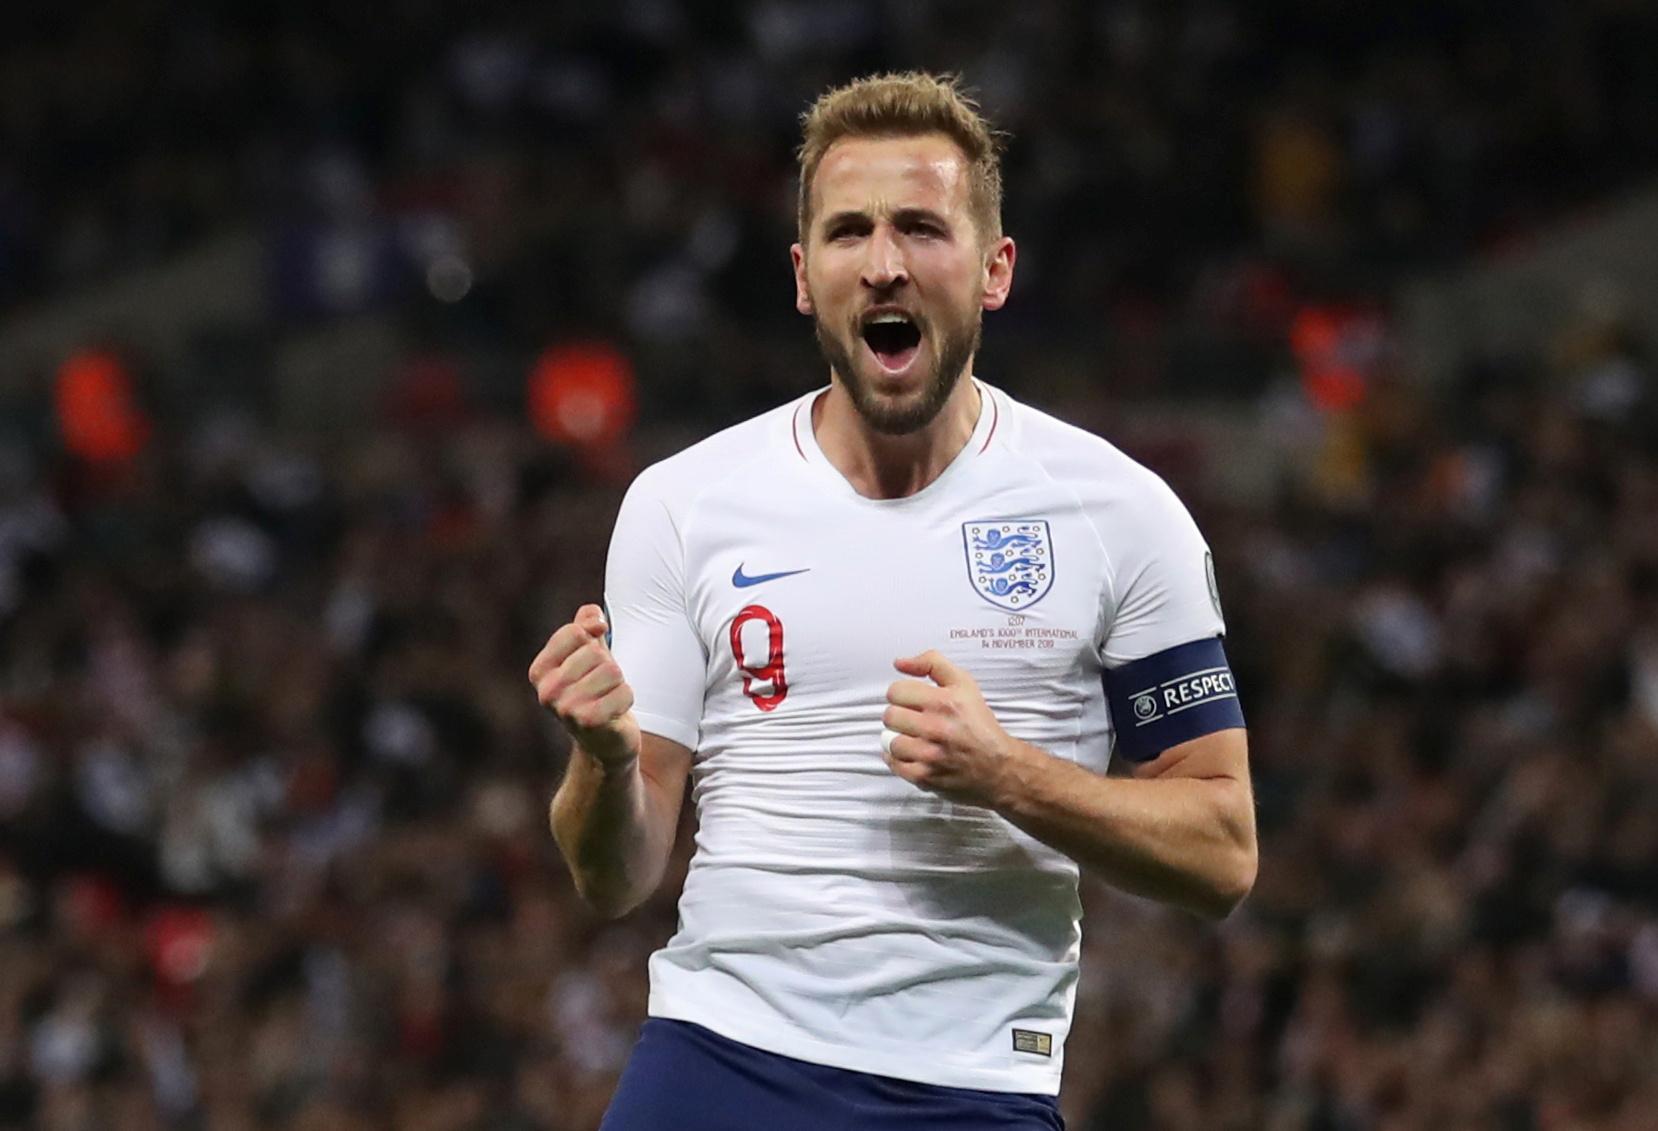 Kane treble as England demolish Montenegro to book Euro 2020 spot